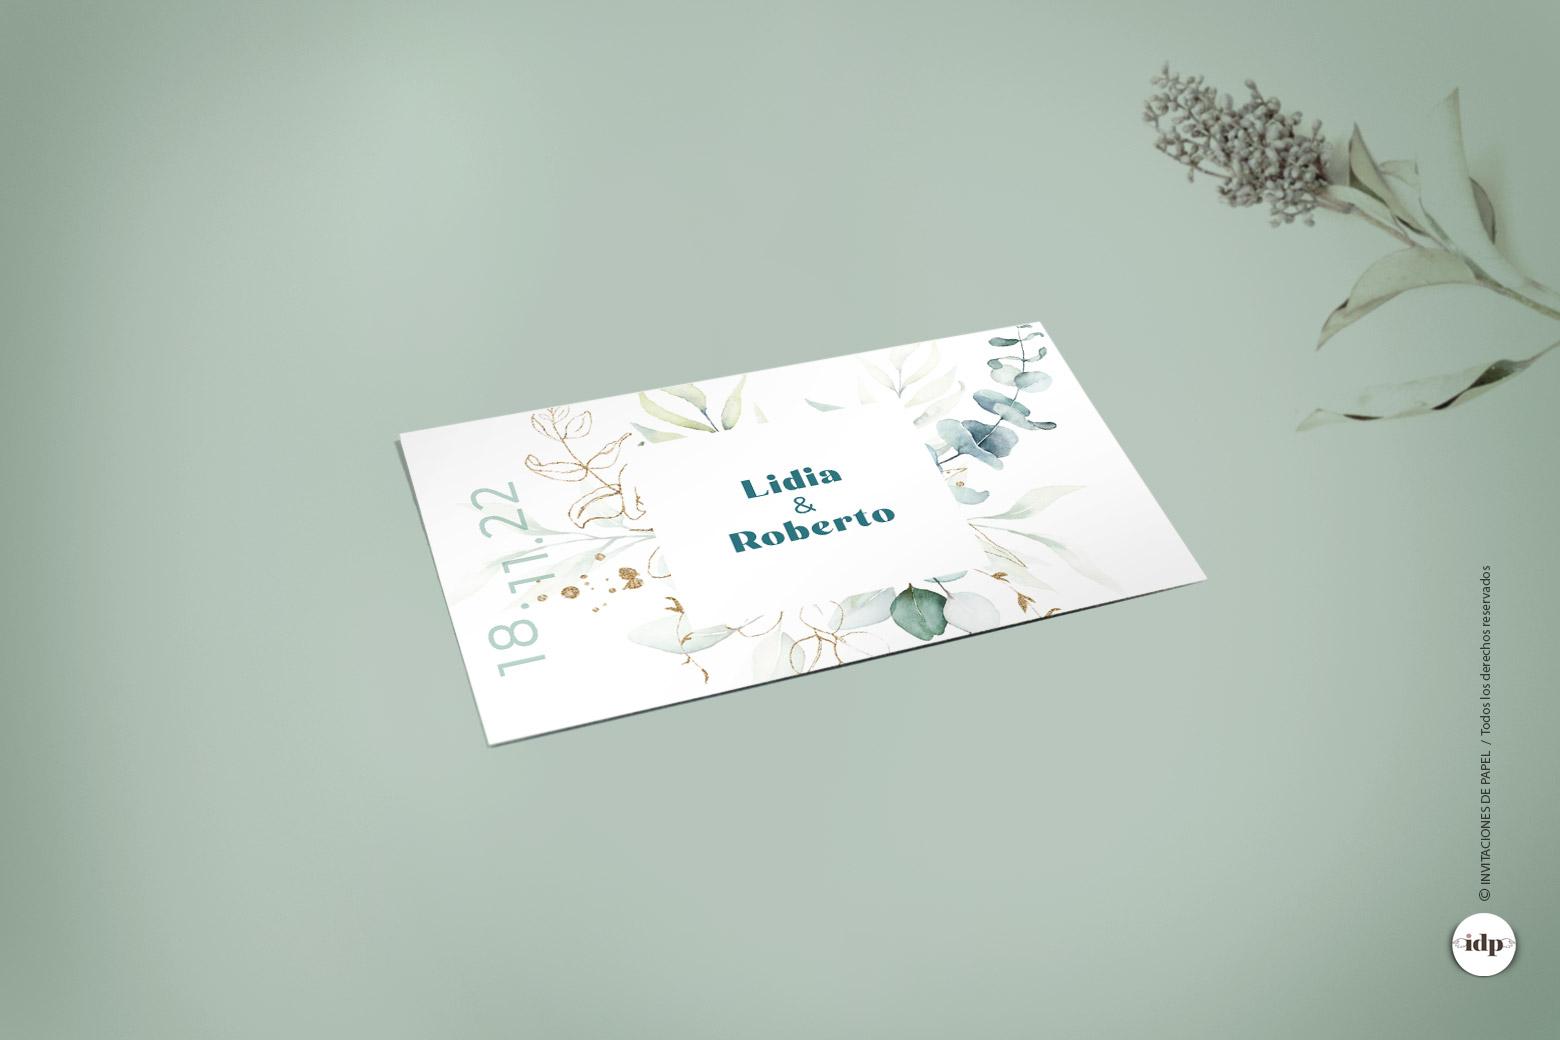 Etiqueta Adhesiva o Pegatina para los Regalos de la Boda con Hojas en Acuarela Sencillas y Elegantes - vergel